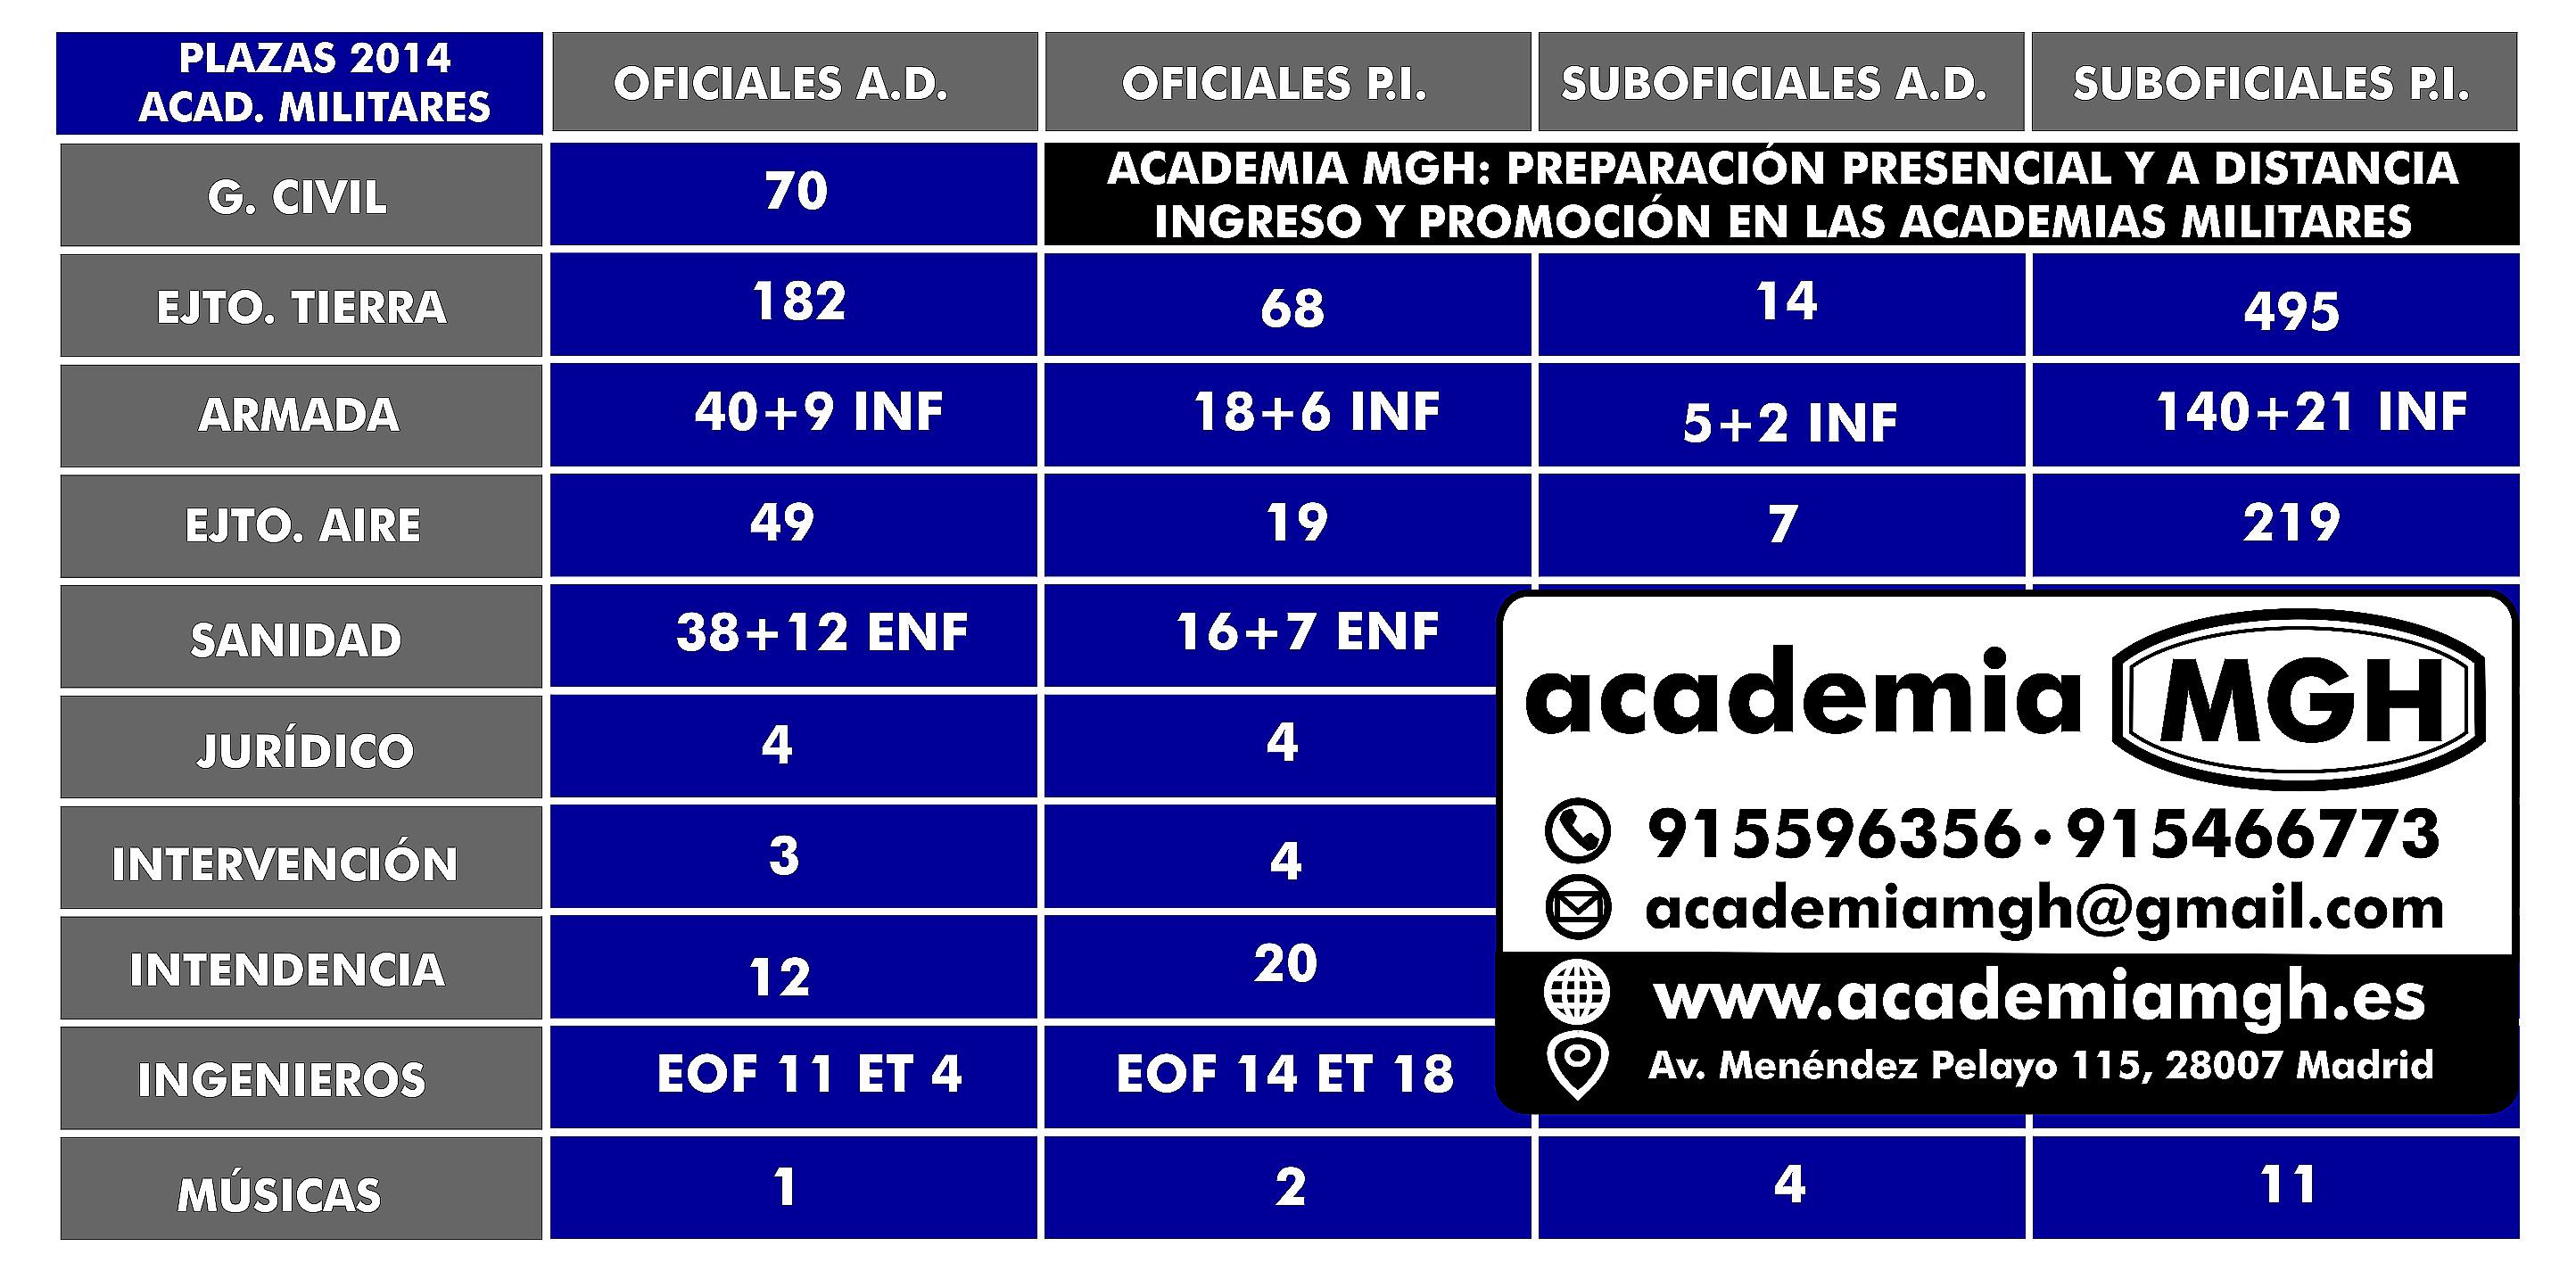 plazas-academias-militares-2014